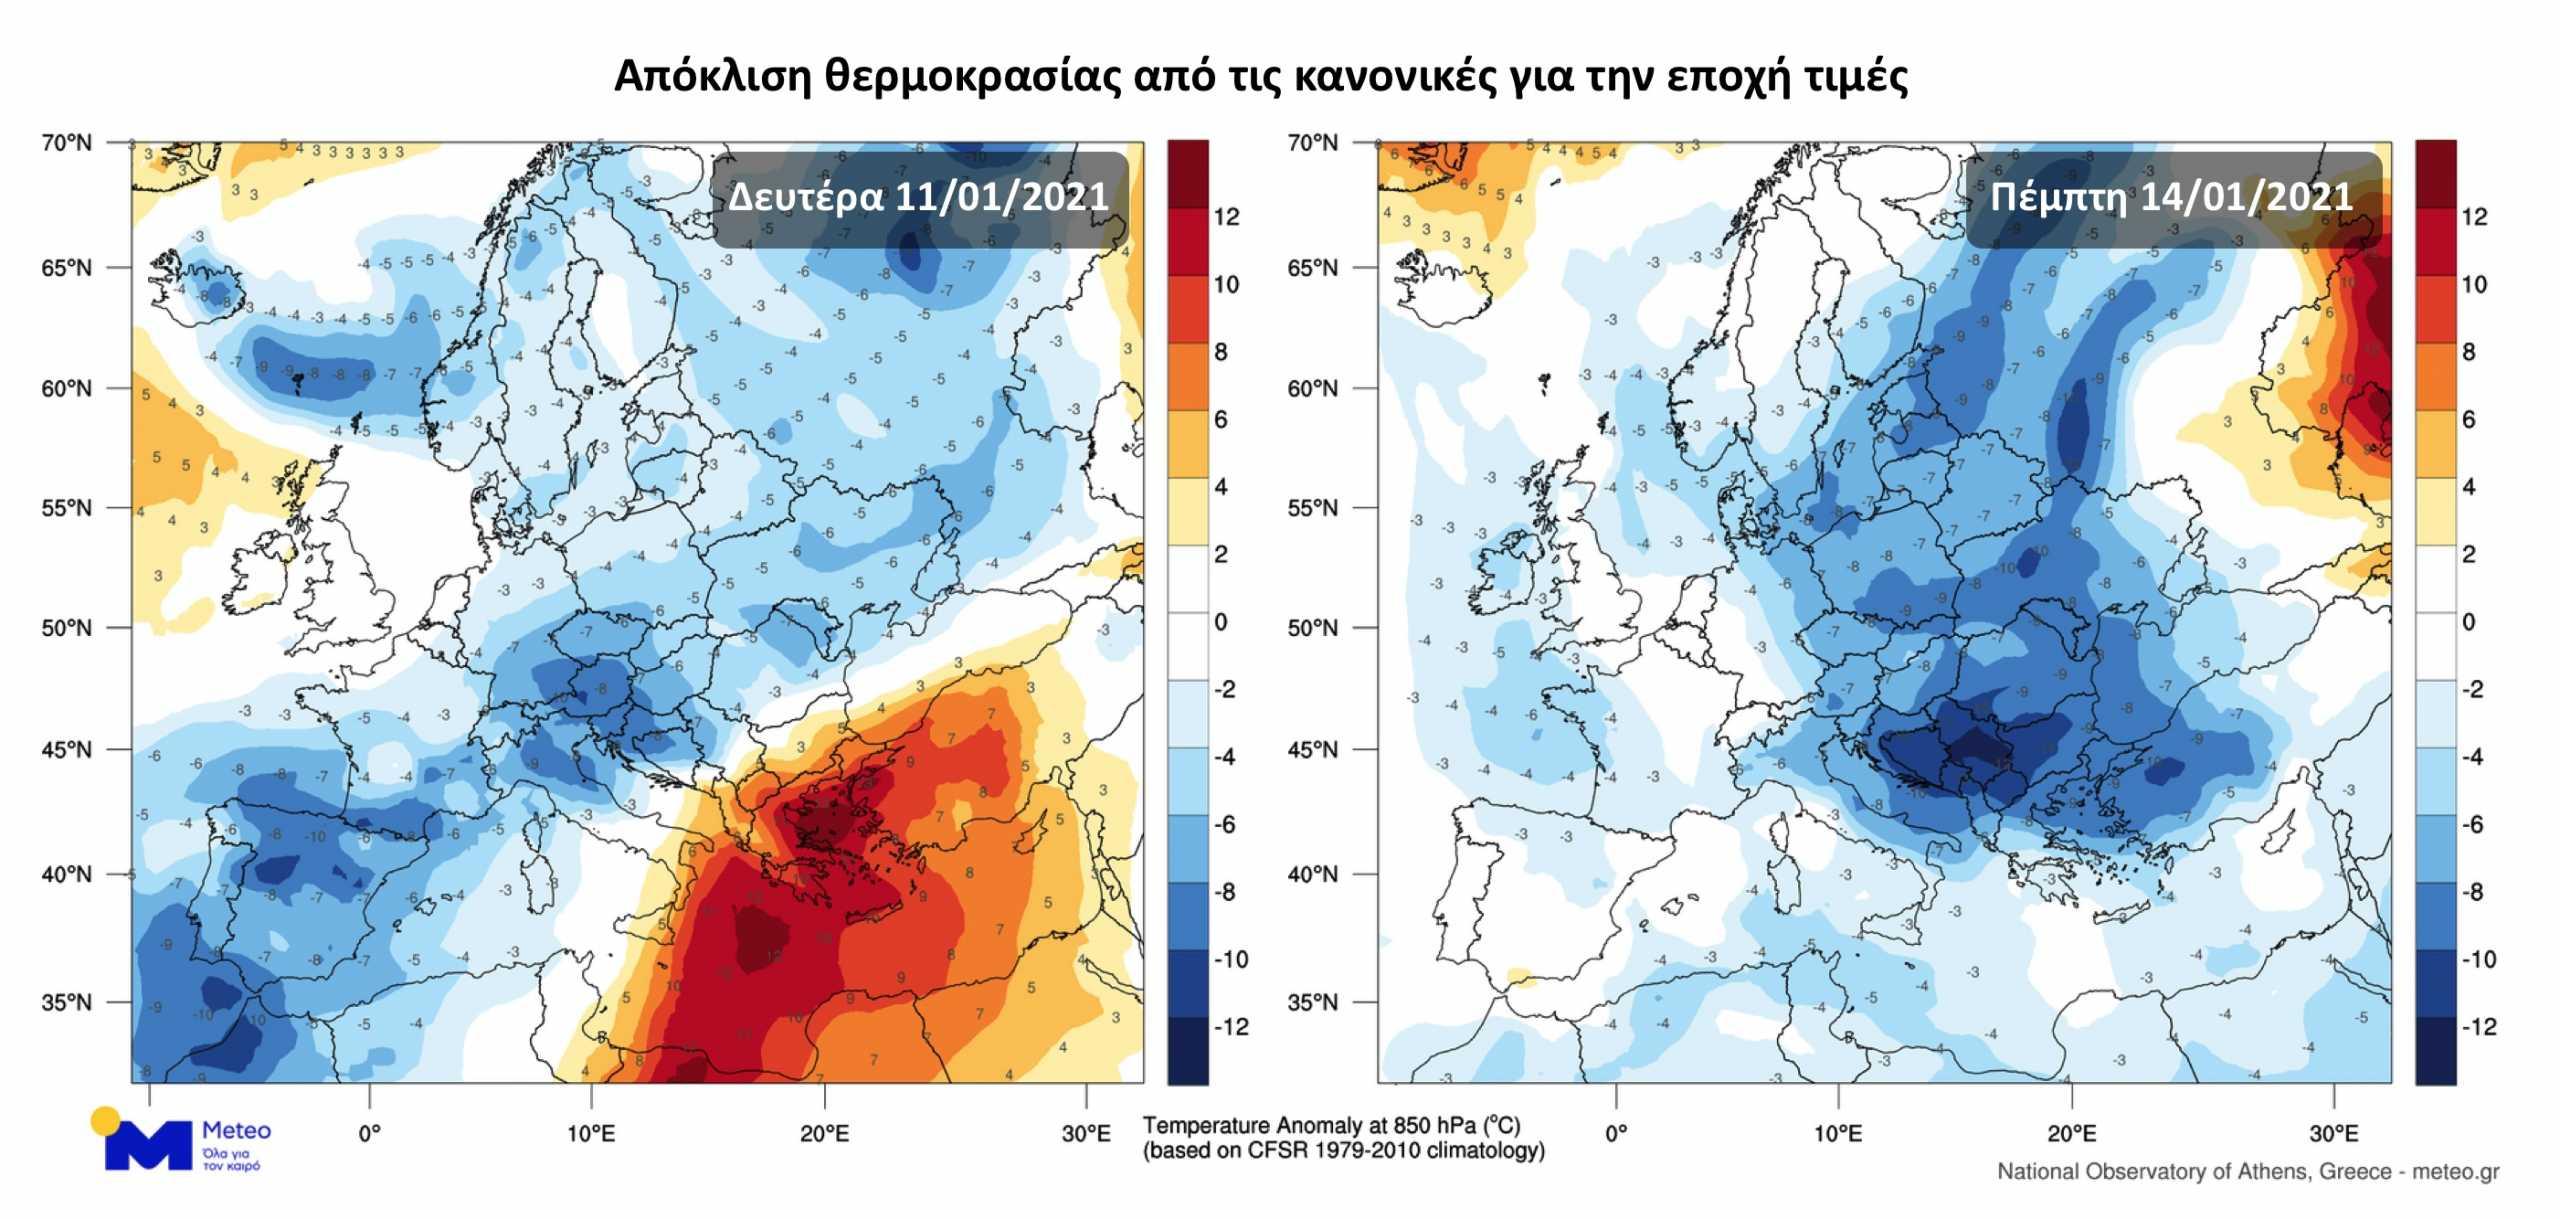 Καιρός: Τρεις εποχές σε μια εβδομάδα – Πότε θα χιονίσει στην Αττική